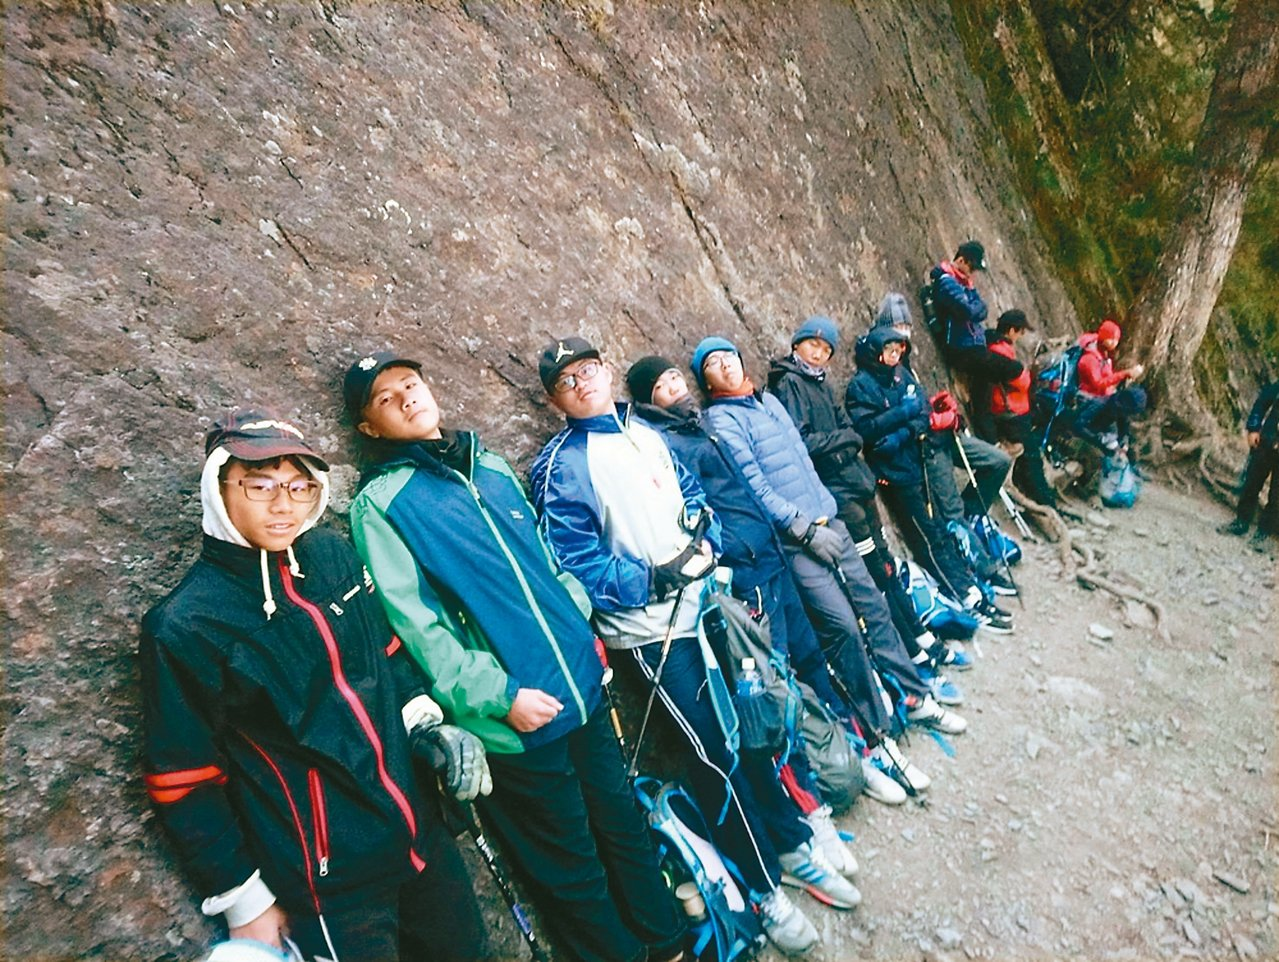 玉山國中學生登玉山,不僅鍛鍊體能,也開闊了視野。 圖/玉山國中提供